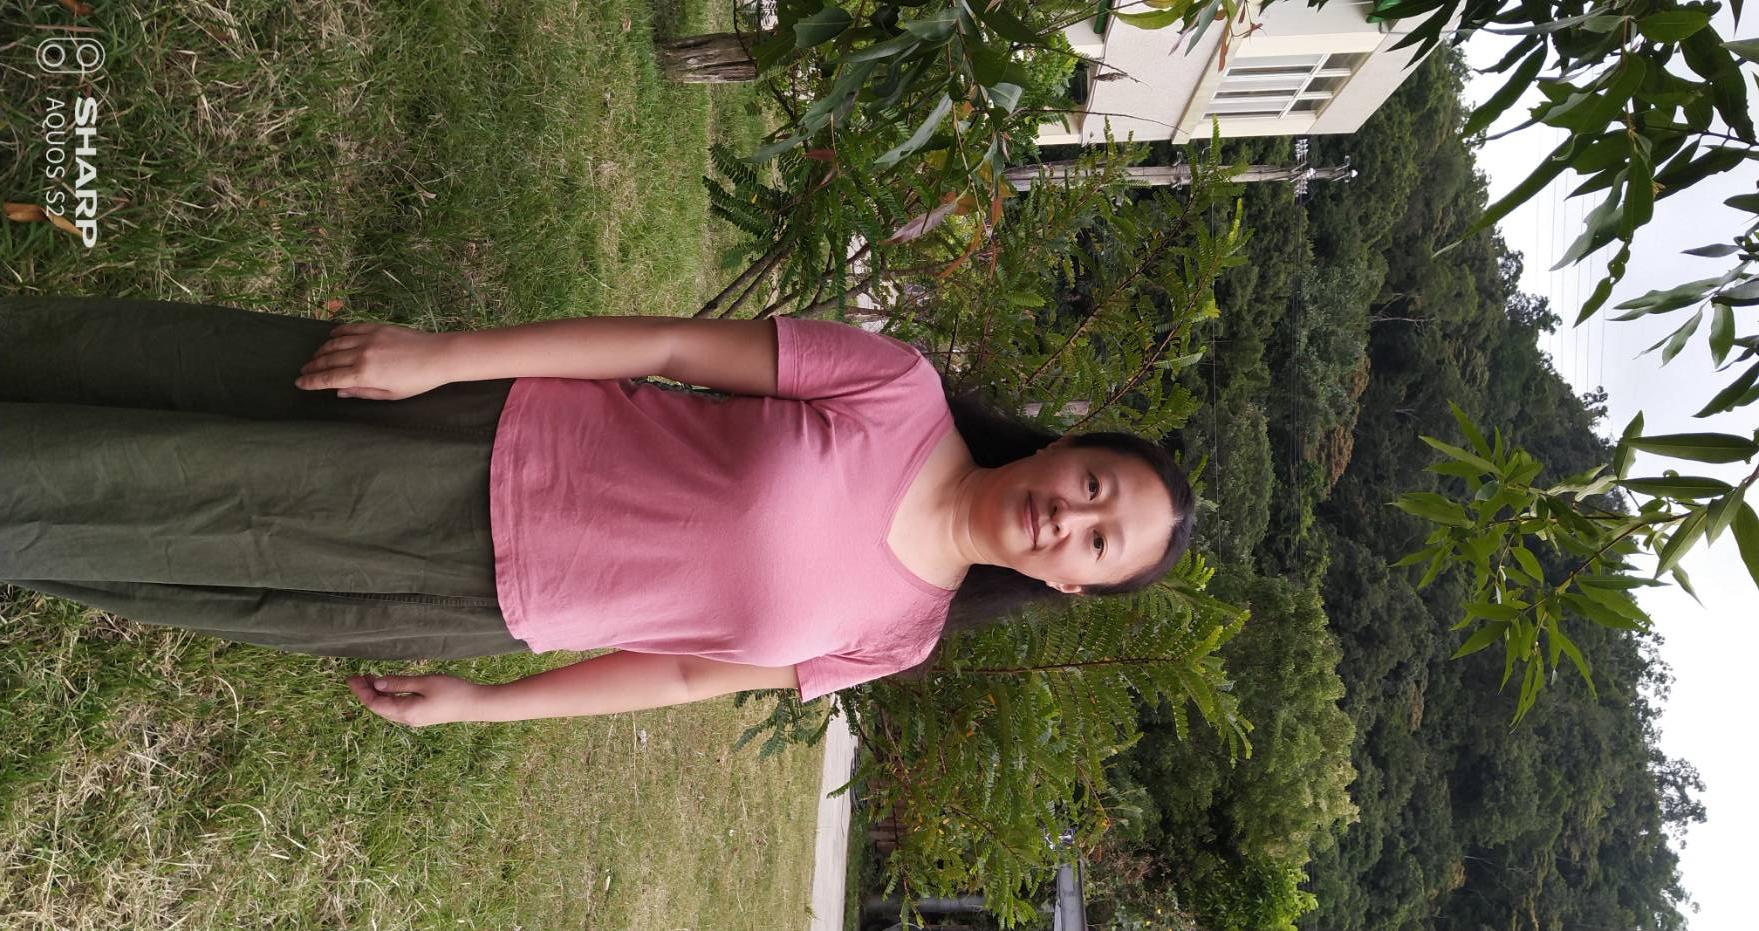 廖姿嘉-濕水彩老師